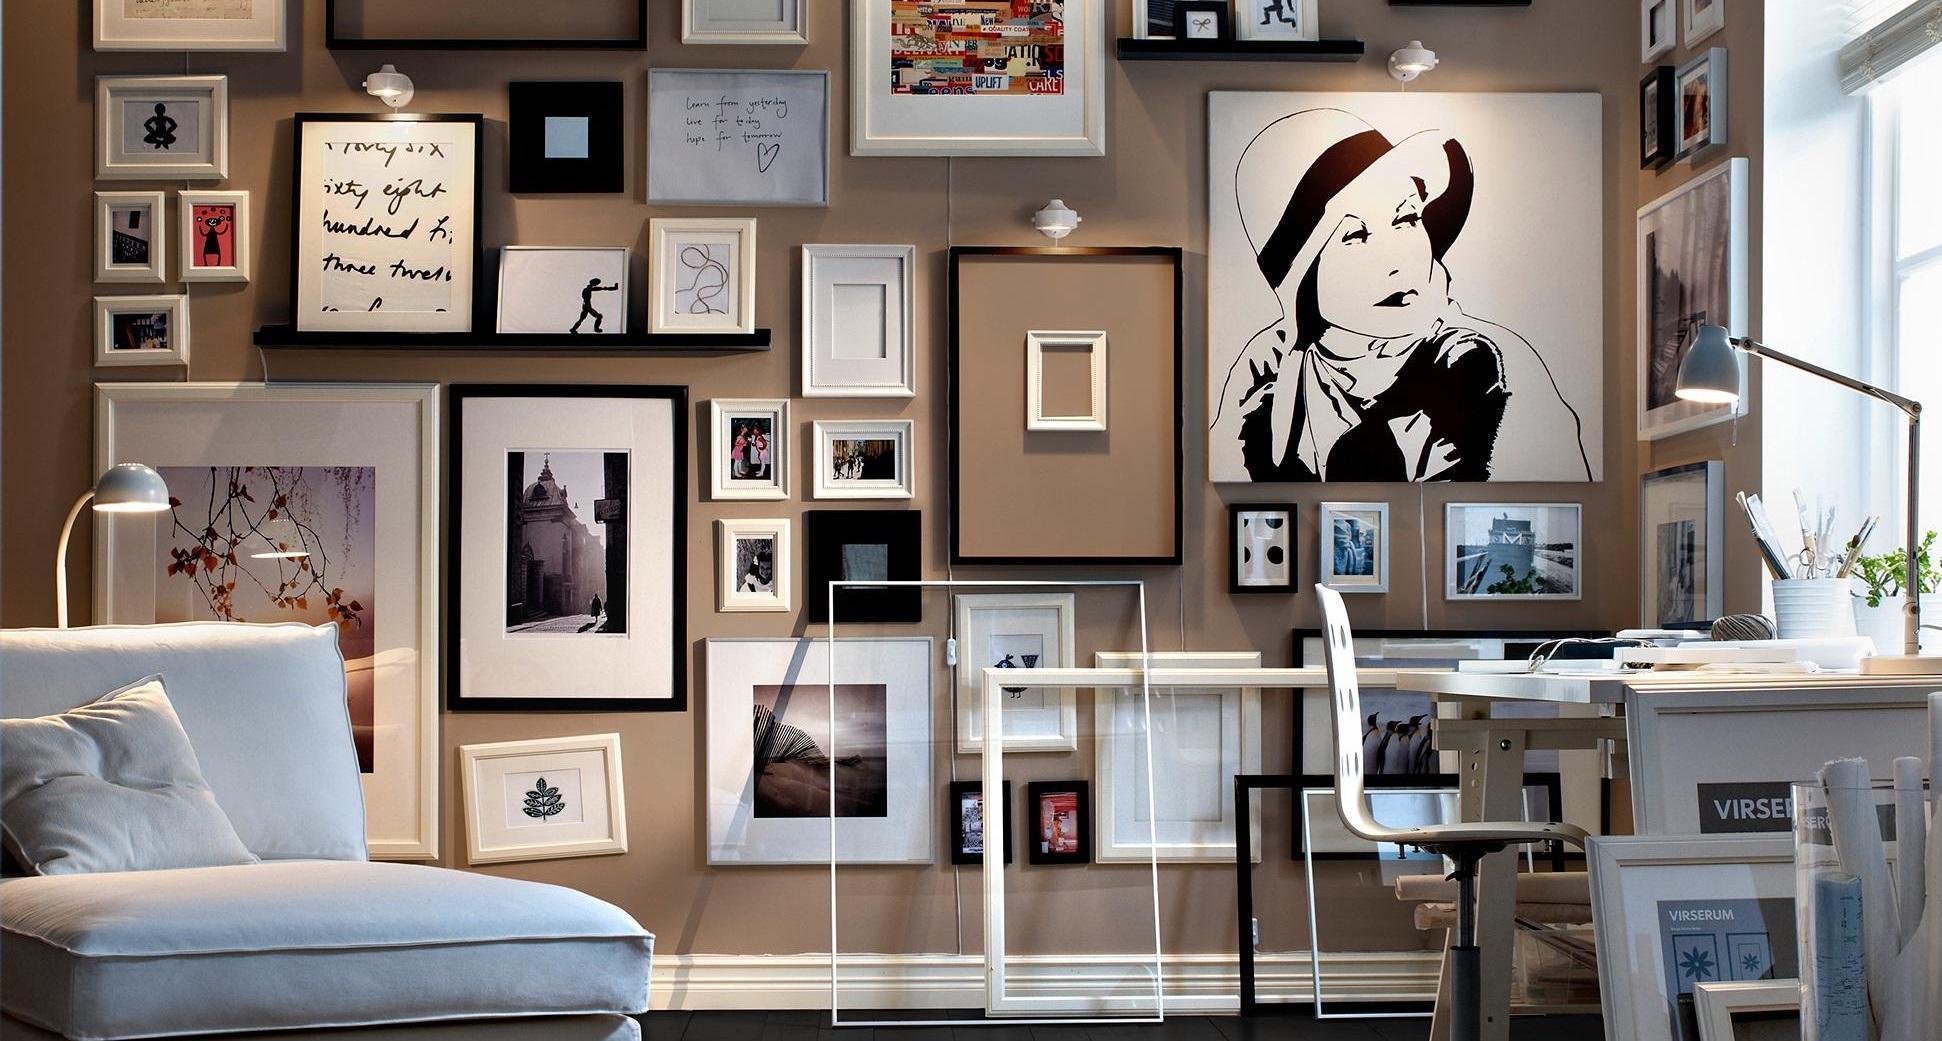 Фото без рамок на стене идеи для интерьера